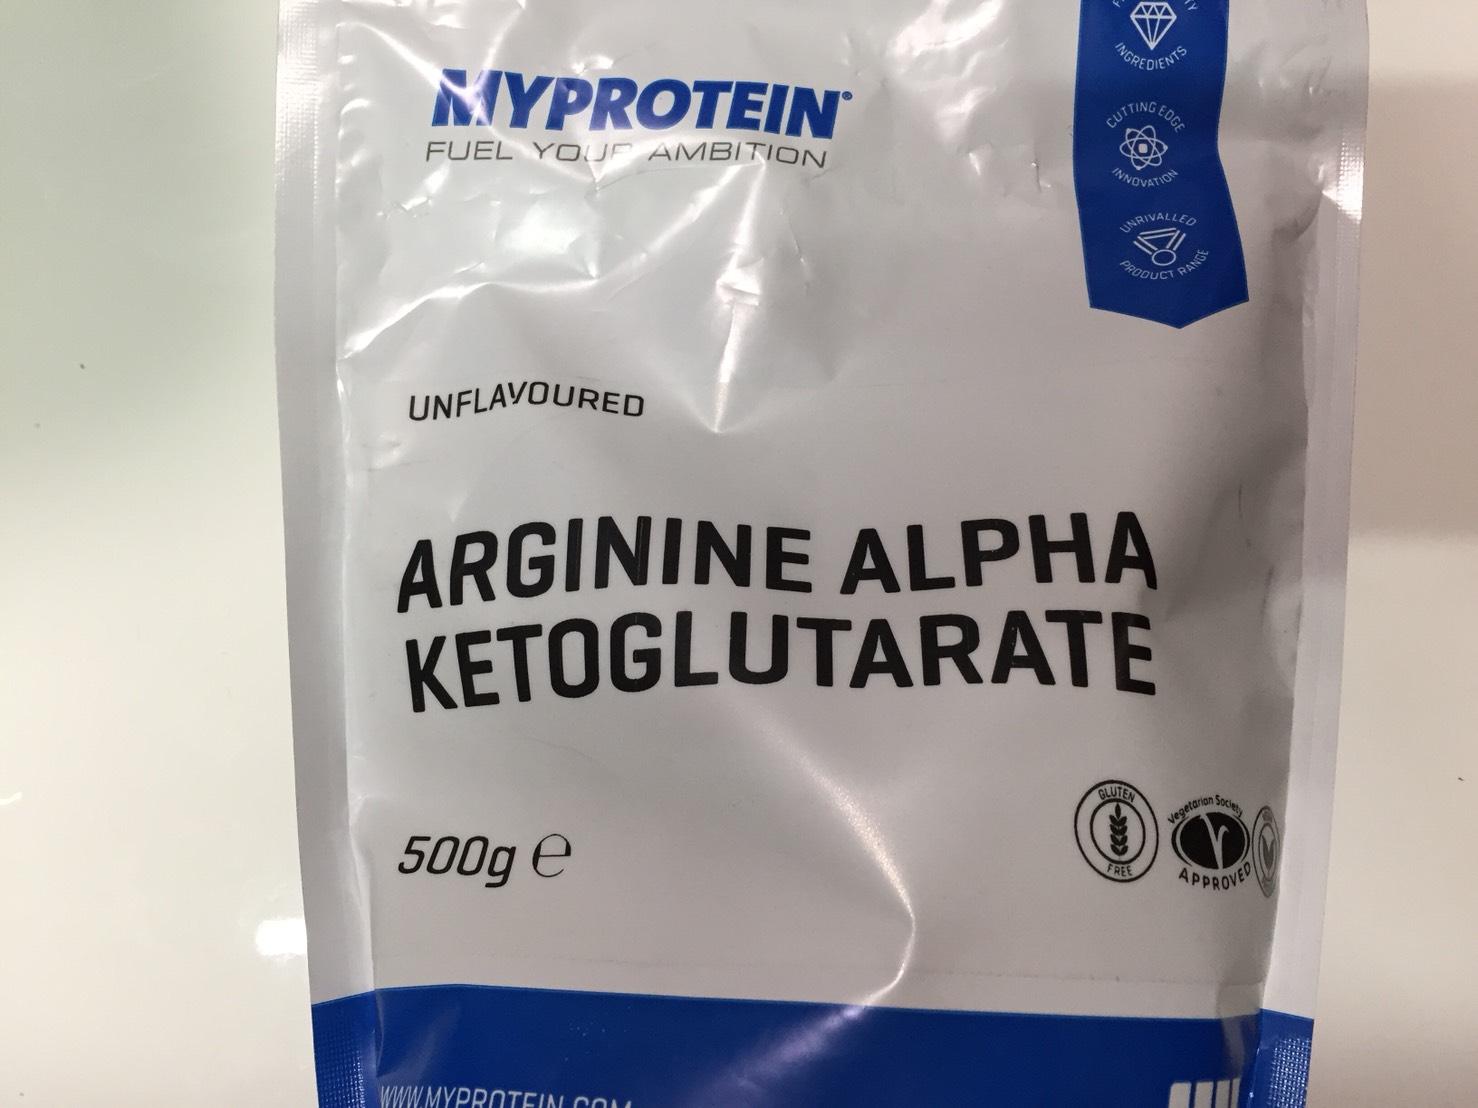 マイプロテインの「アルギニン アルファ ケトグルタル酸(AAKG)」